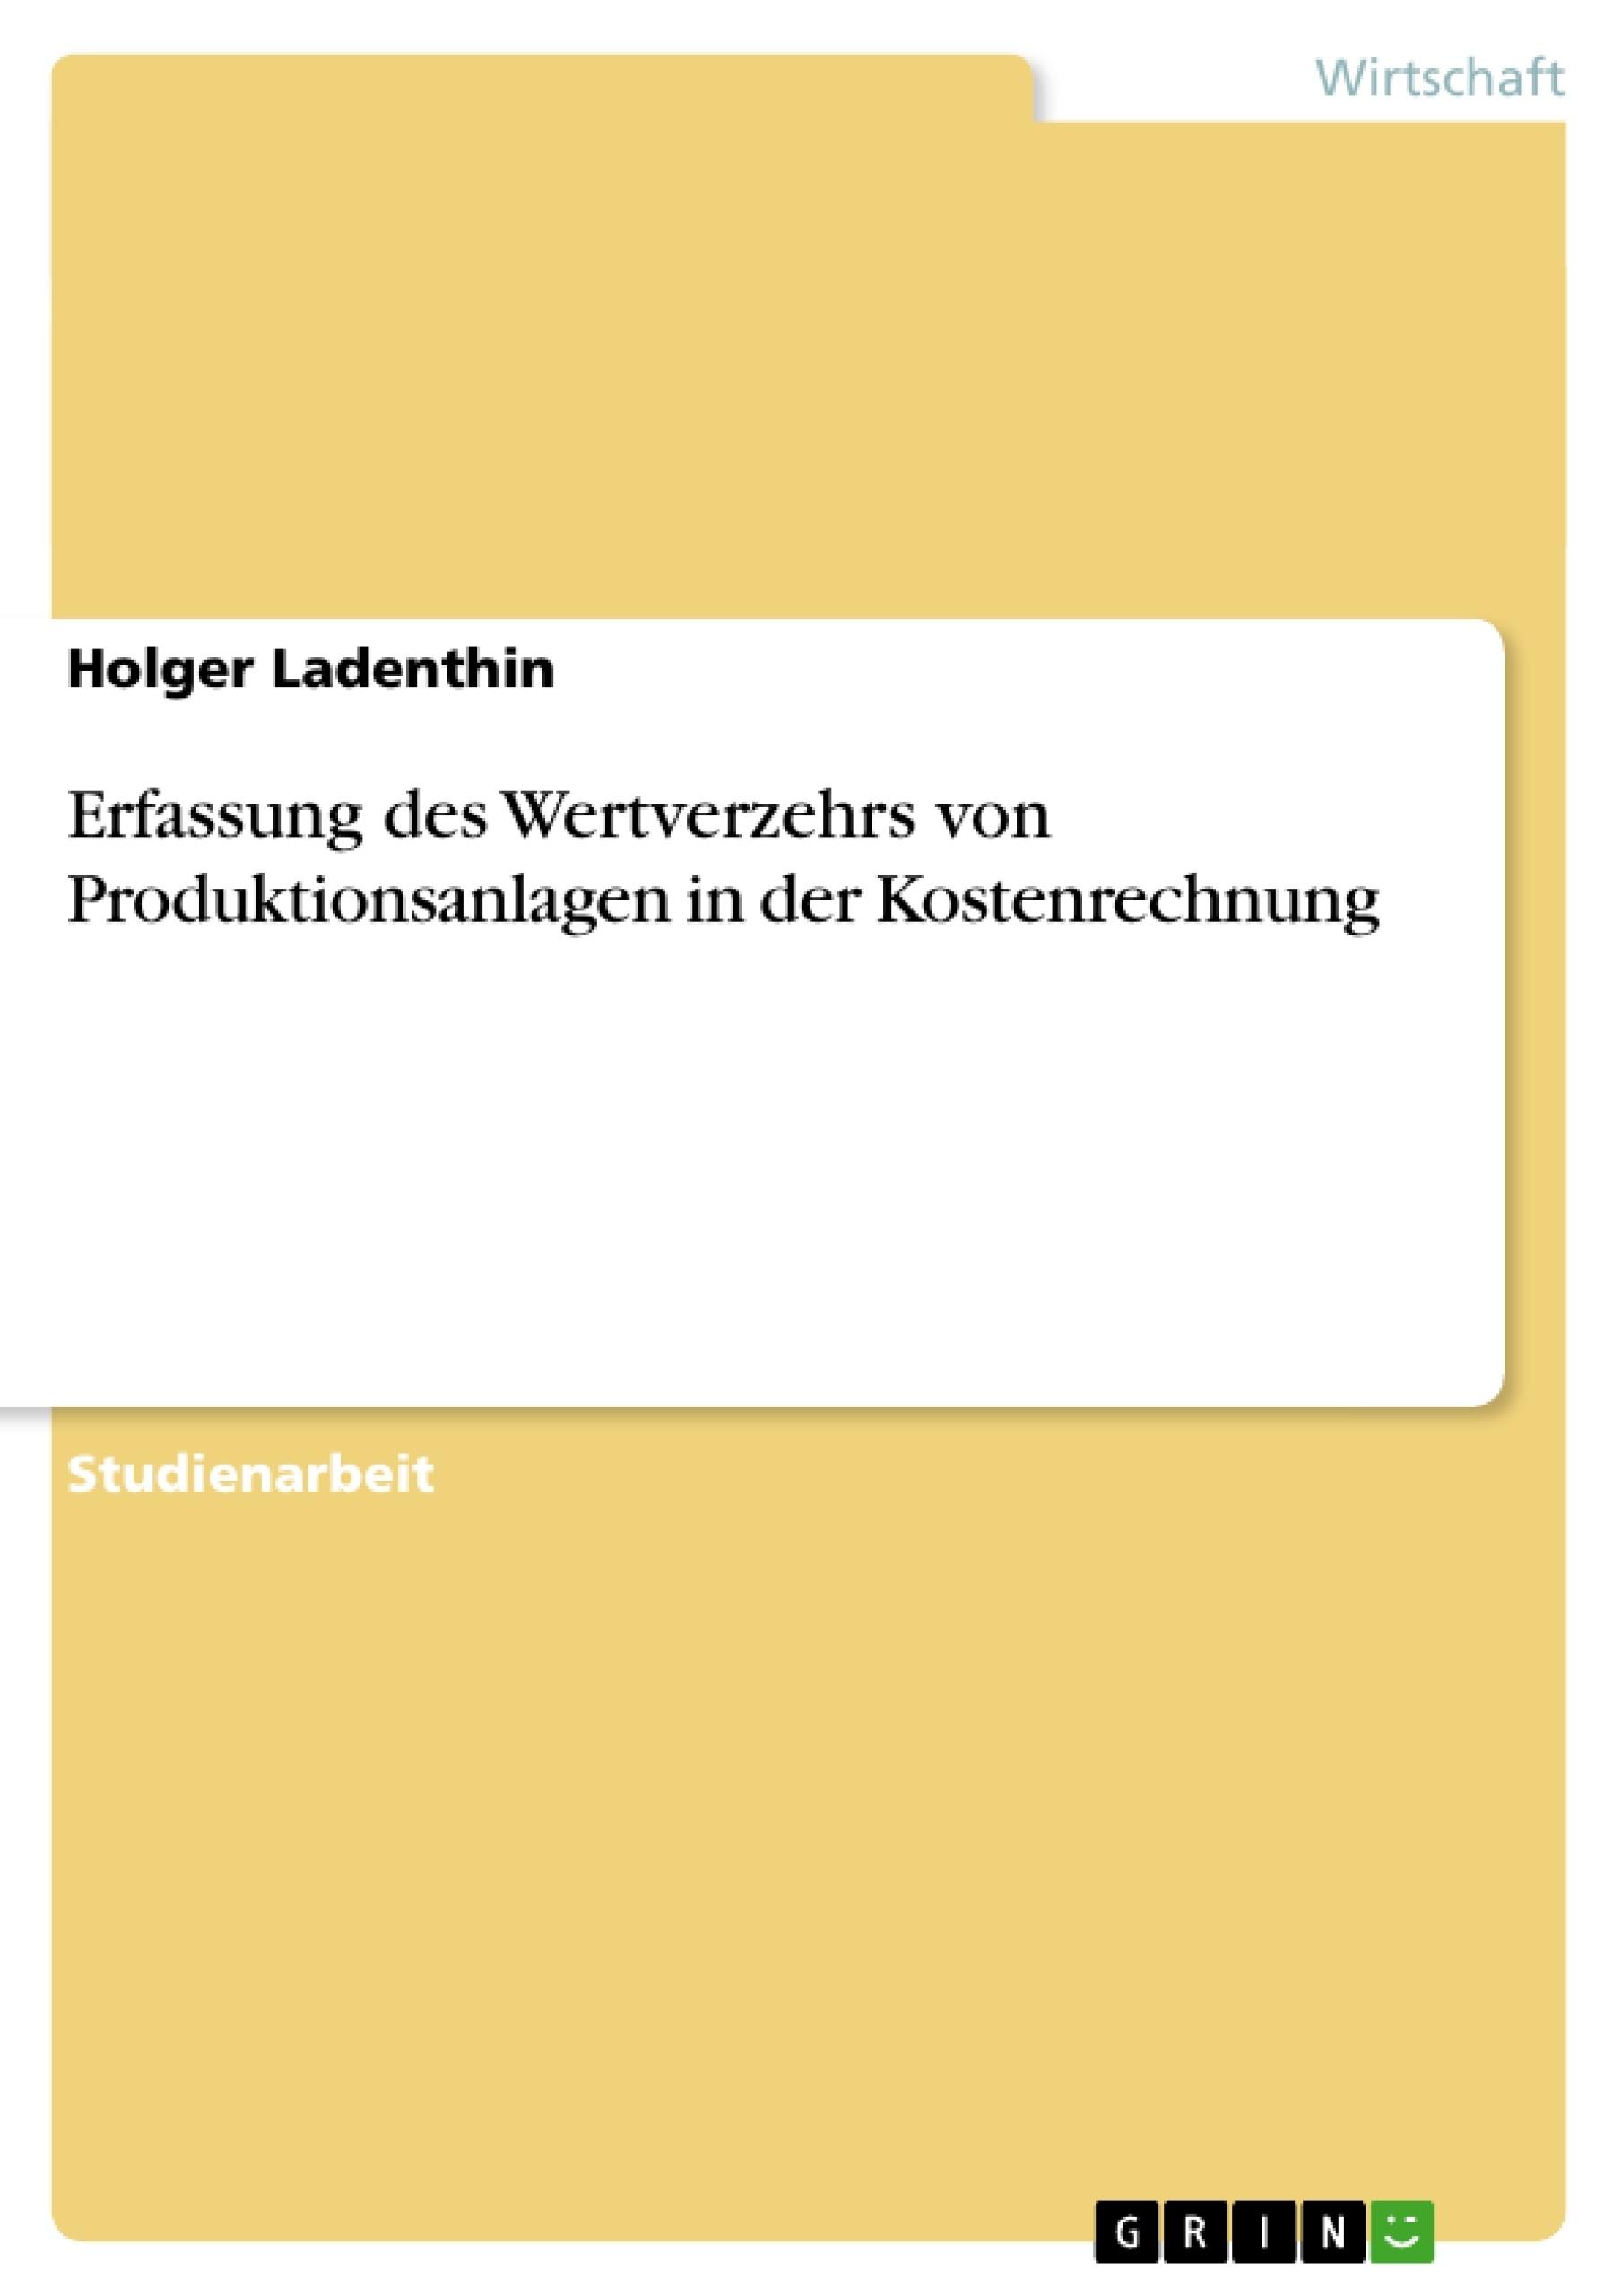 Titel: Erfassung des Wertverzehrs von Produktionsanlagen in der Kostenrechnung